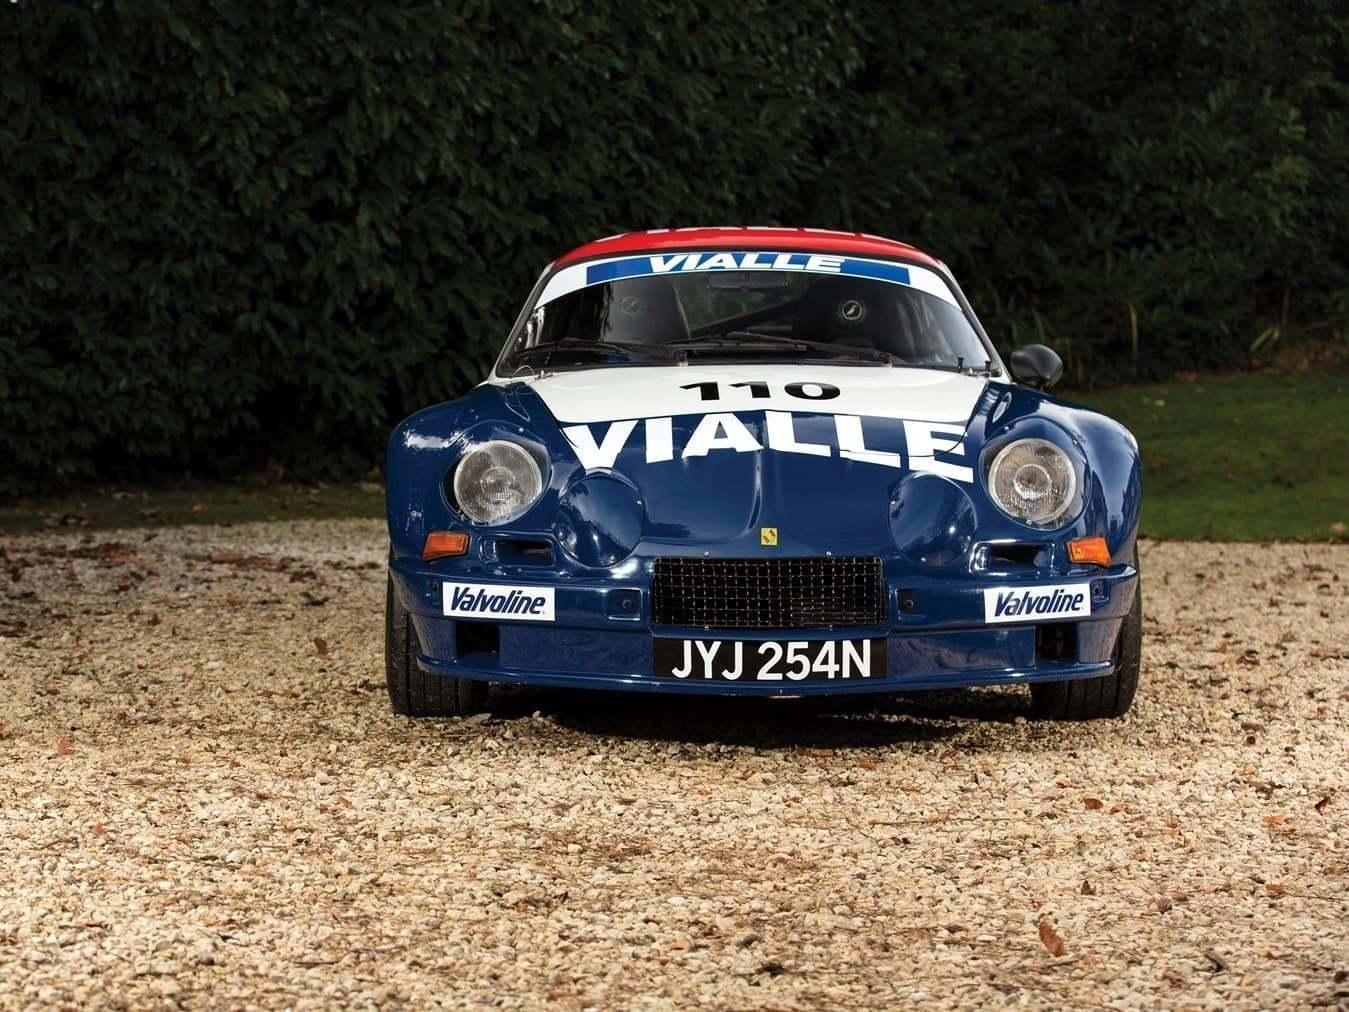 Alpine A110 B Vialle 1974 Rally cross 28   RM Sotheby's met aux enchères trois Alpine pour Paris 2018